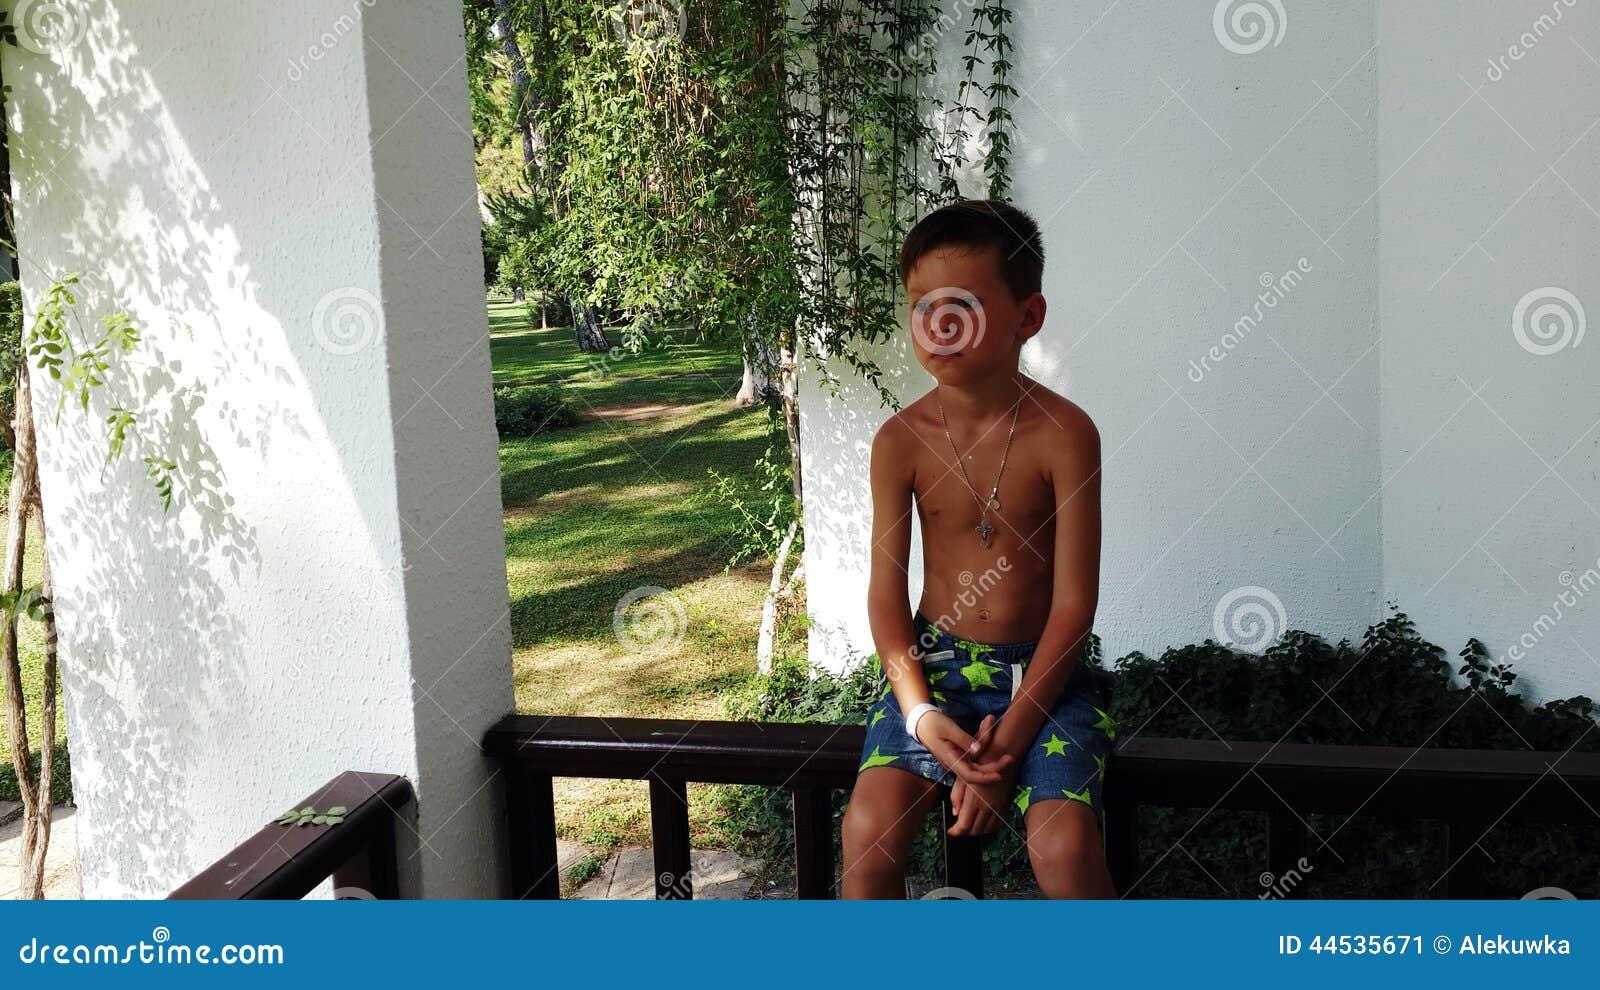 Kostenlose Bilder von nackten Jungs